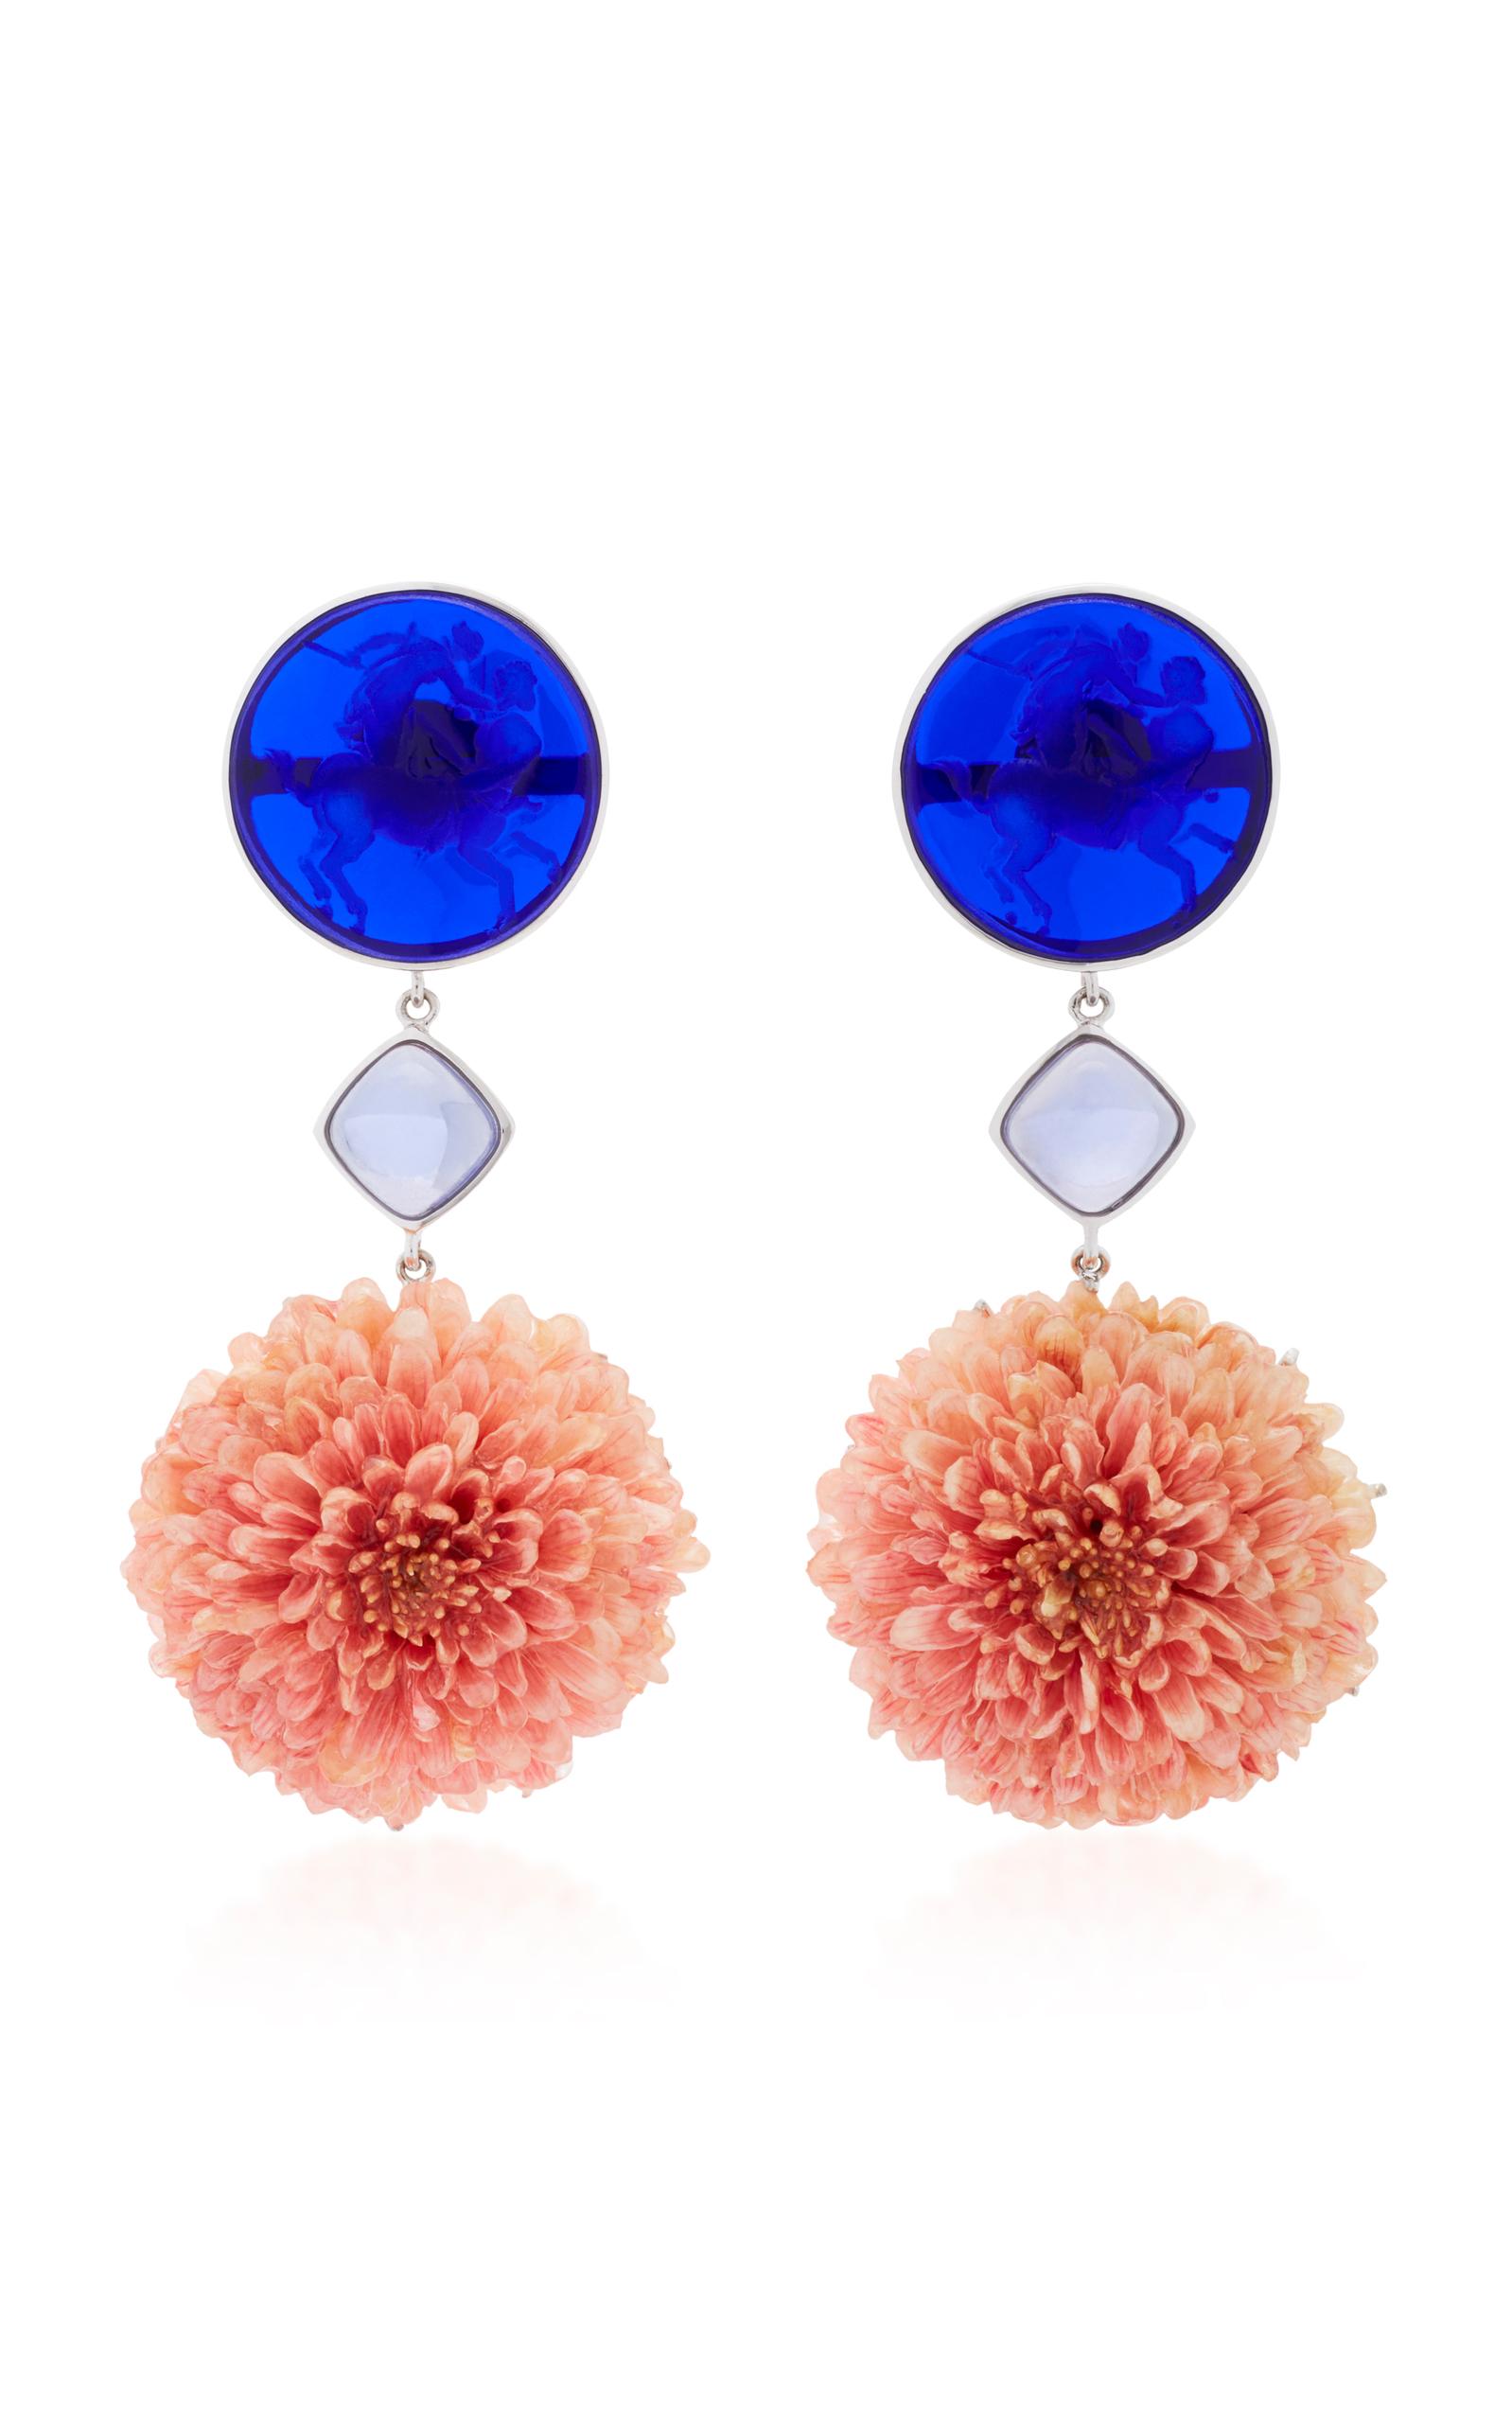 BAHINA 18K WHITE GOLD DARK BLUE VENETIAN GLASS CAMEOS EARRINGS